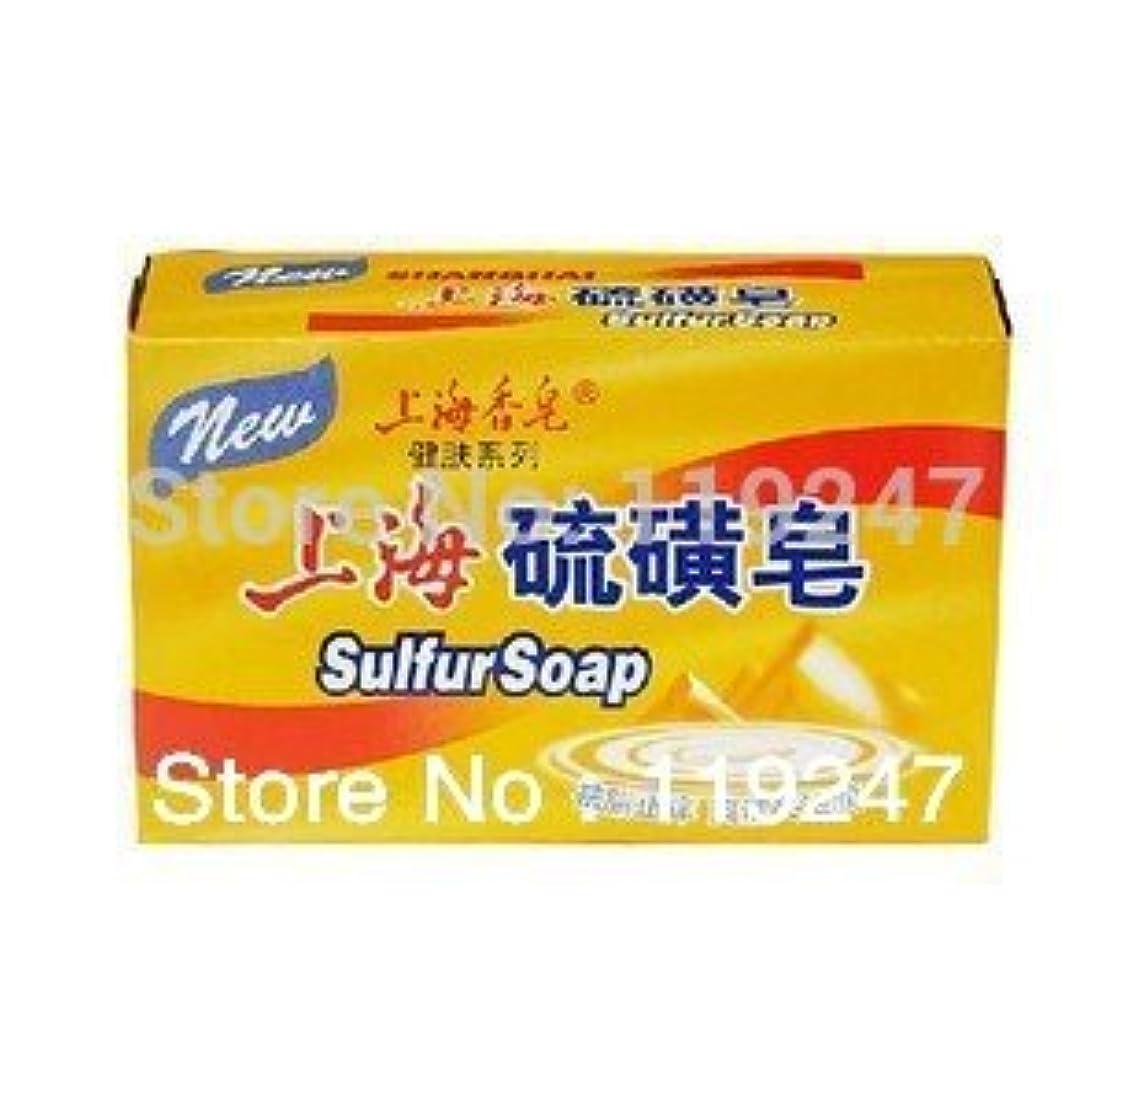 着陸のり生き返らせるLorny (TM) 上海硫黄石鹸アンチ菌ダニ、ストップかゆみ125グラム格安 [並行輸入品]